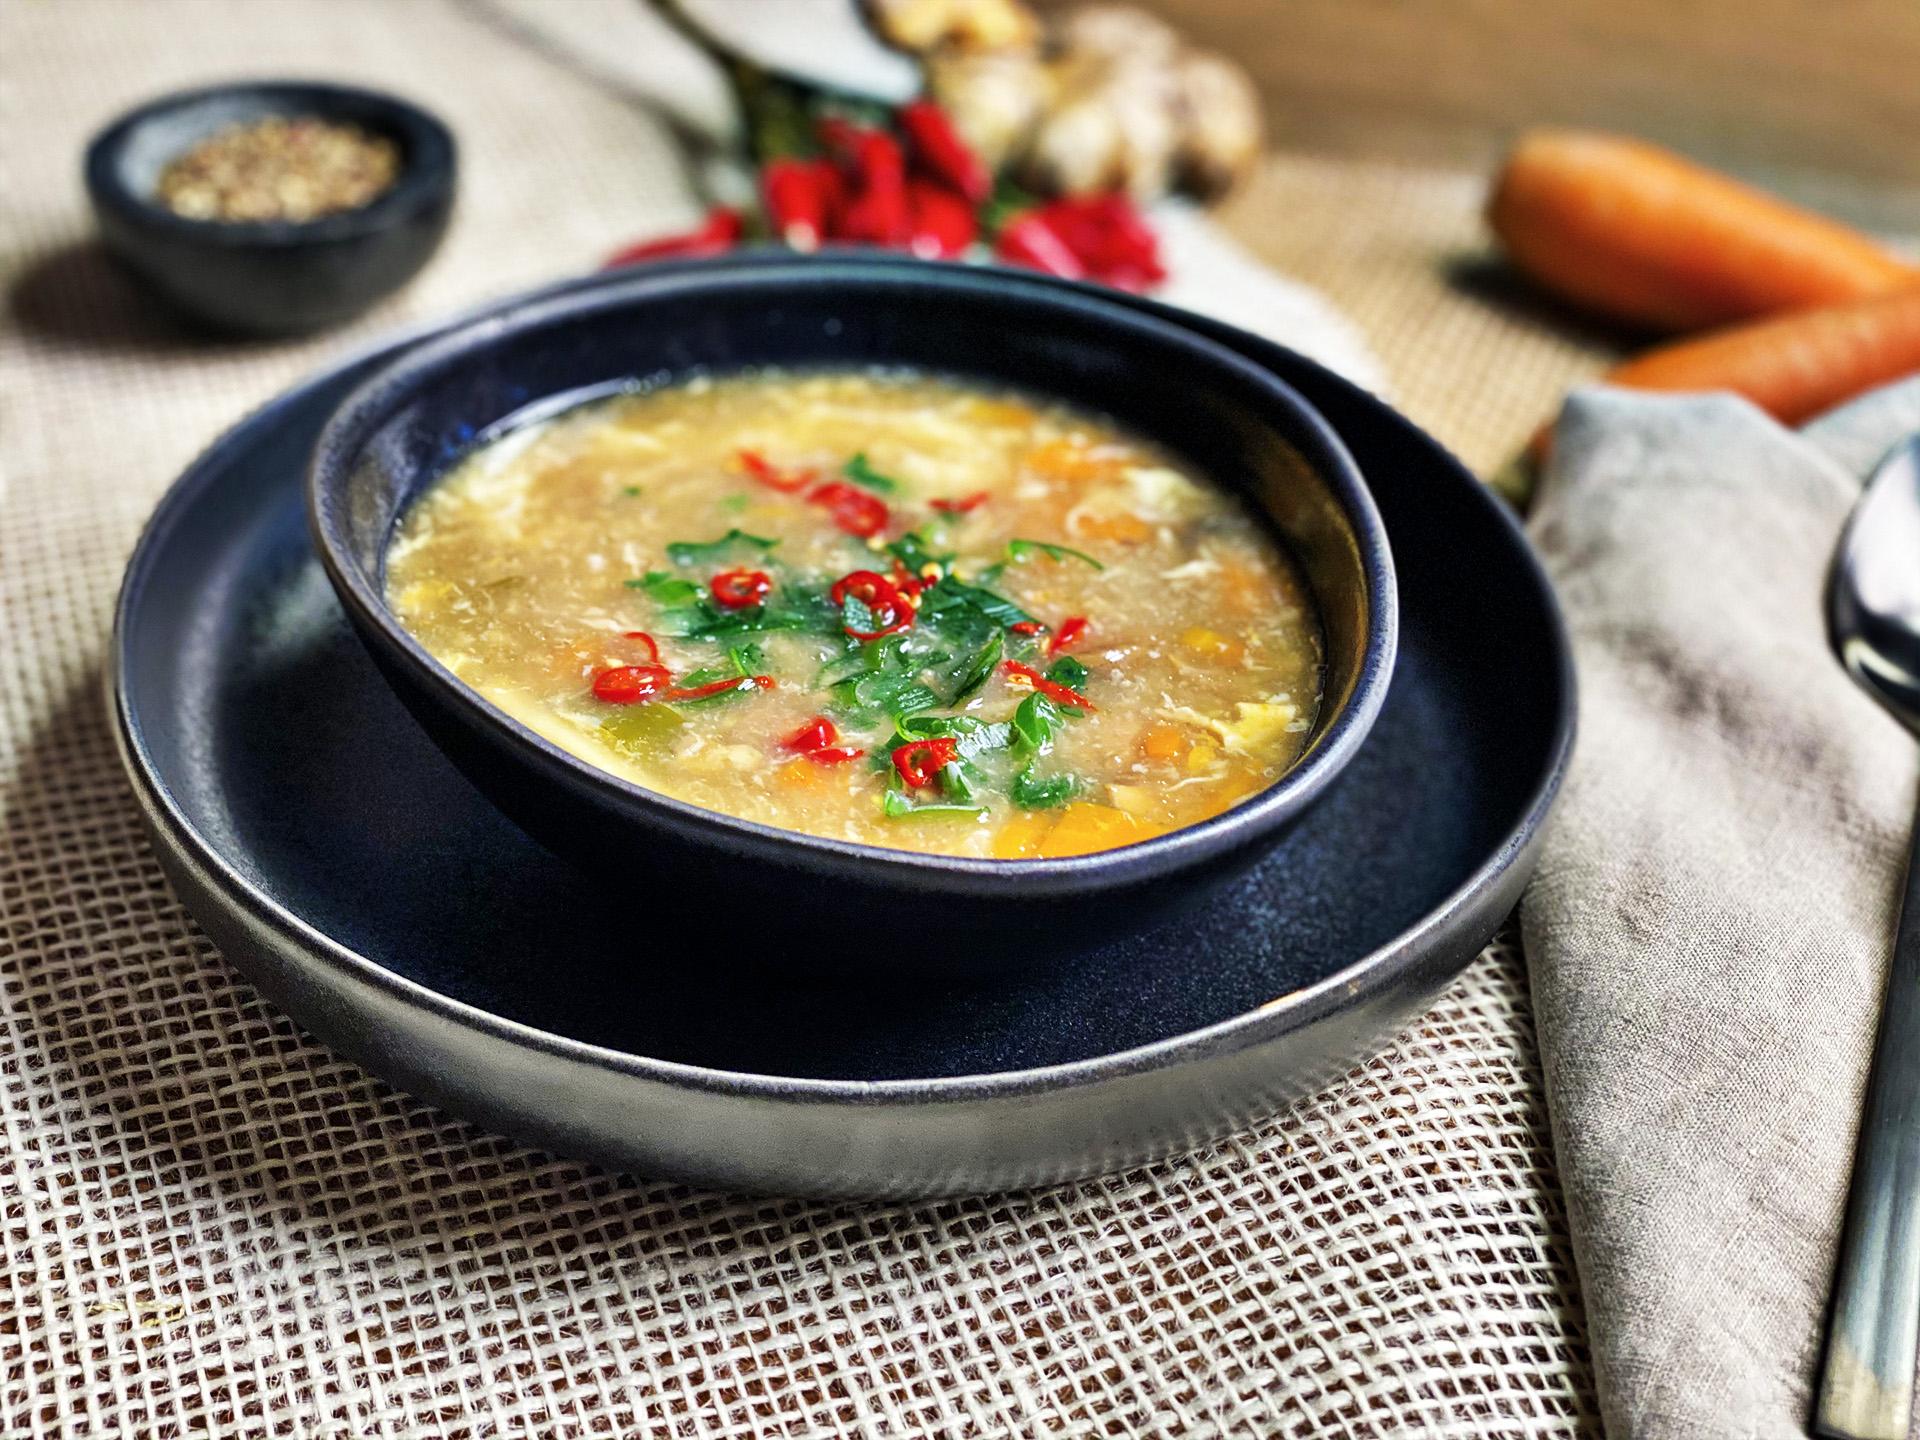 Pikant säuerliche Suppe